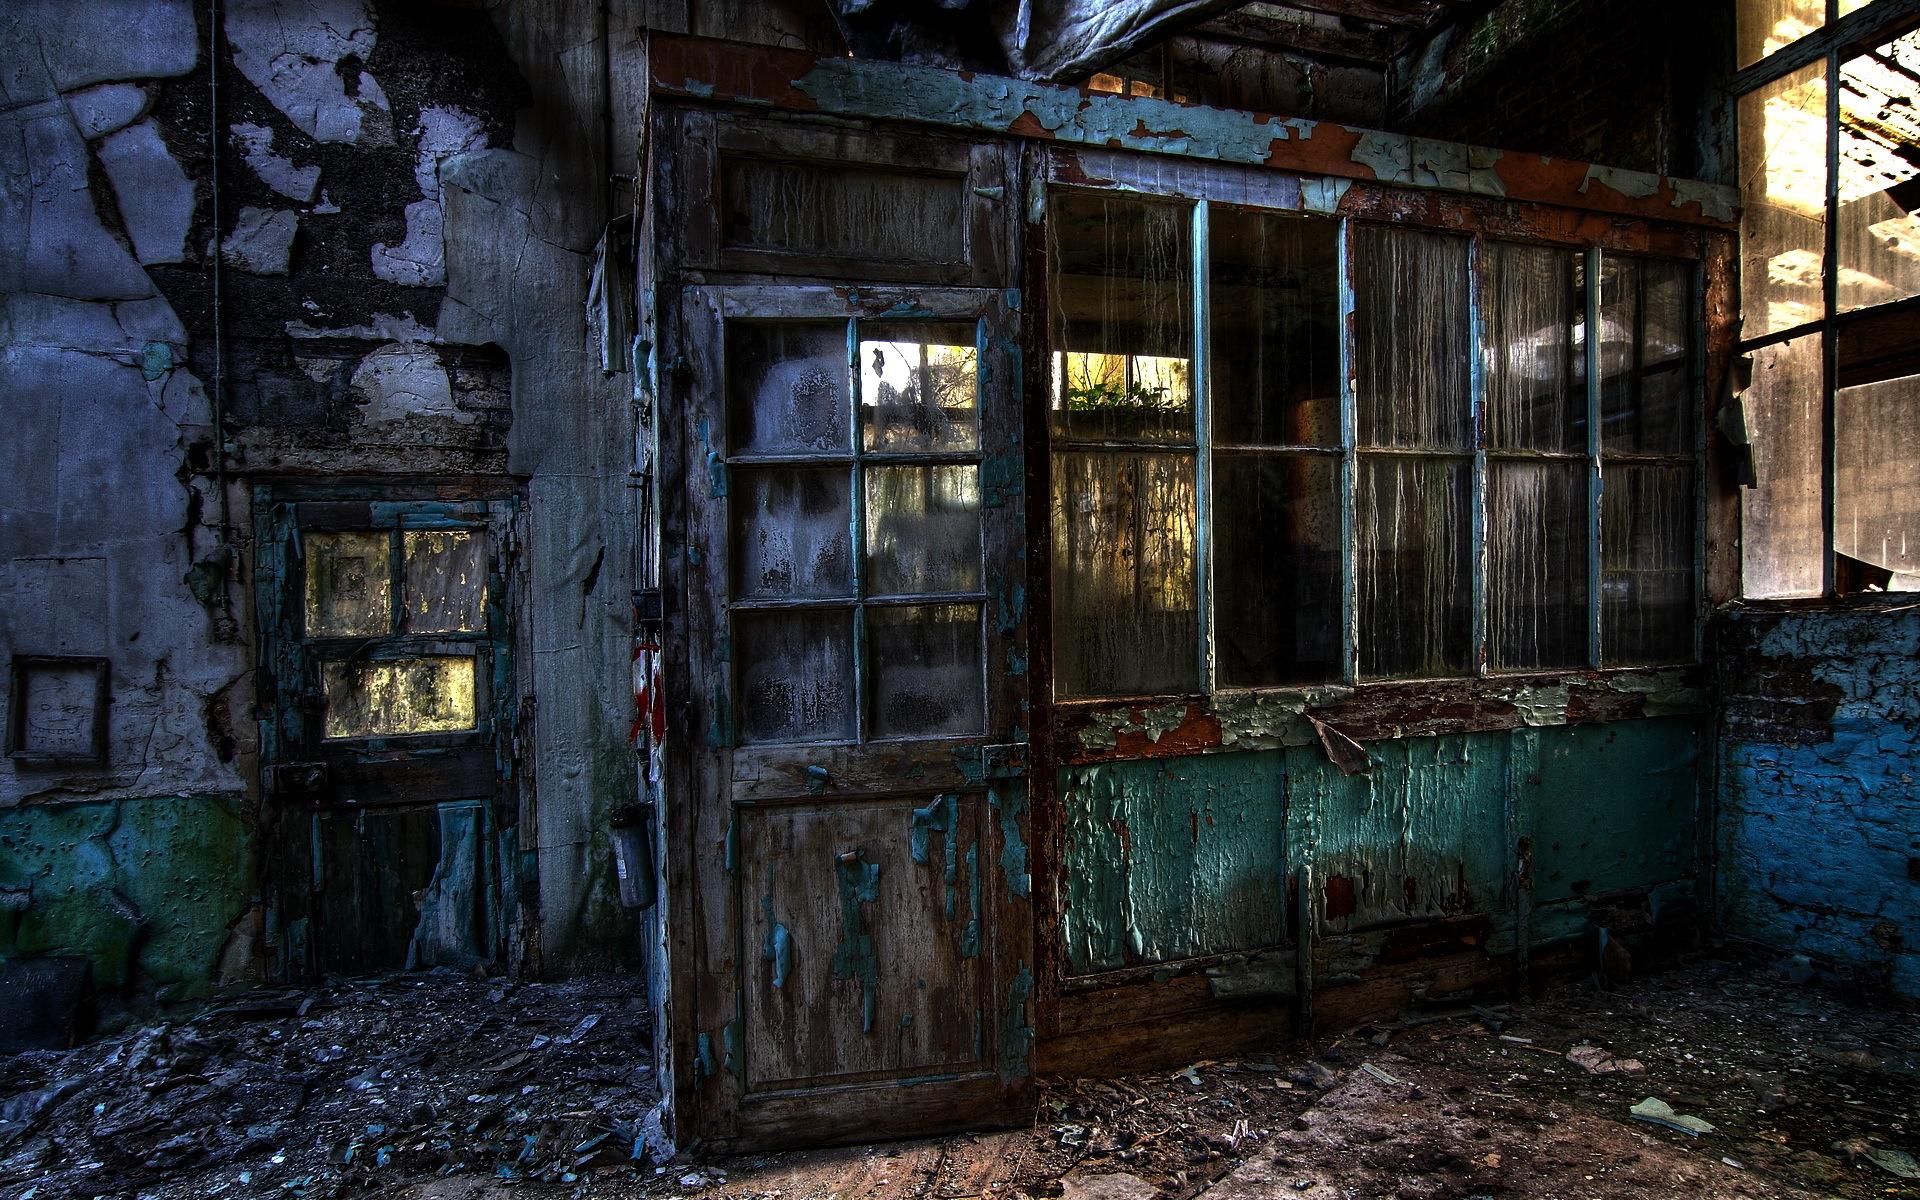 заброшенный дом двери окна коридор  № 2195388 загрузить